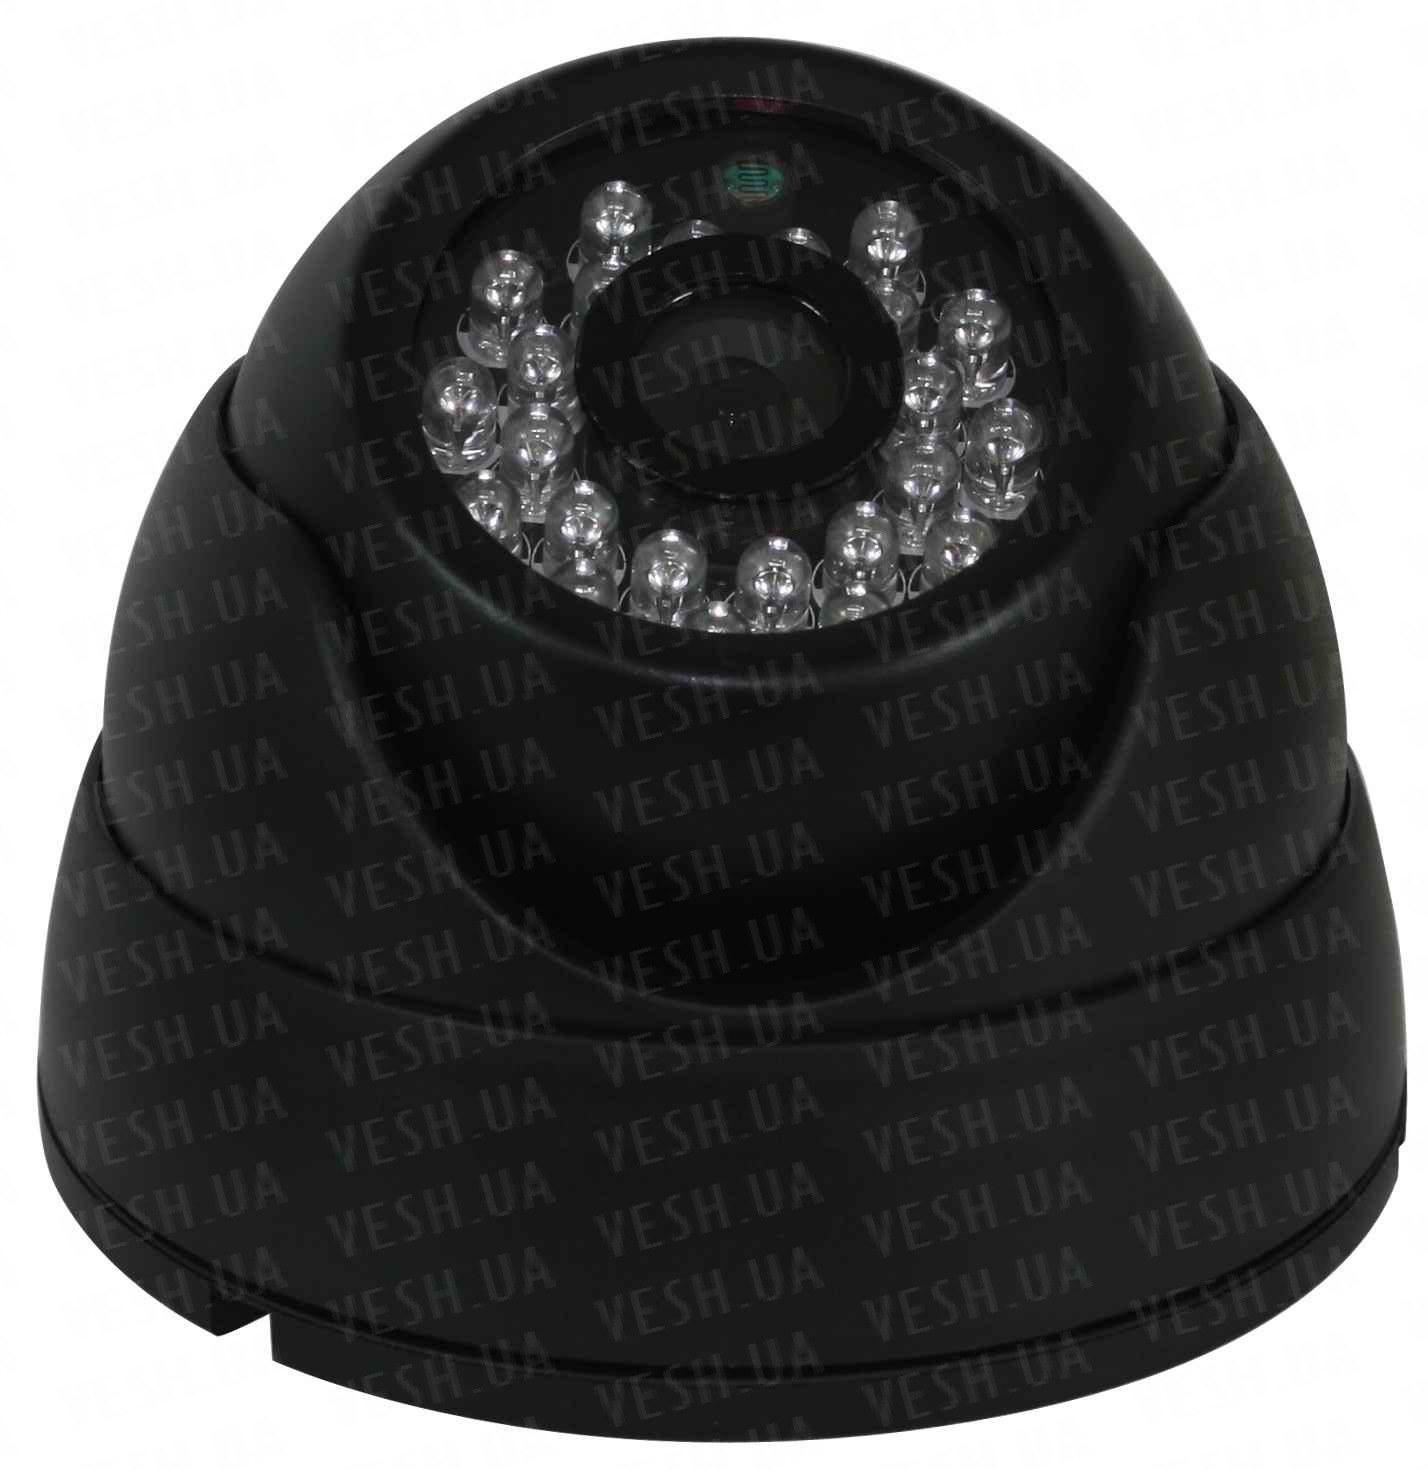 """Внутрення купольная CCTV цветная охранная камера видеонаблюдения 1/3 """"COLOR SONY Super HAD II, Effio-E, 480 TVL, 0 lux, ИК до 20 м (модель NCHMIR23) ЦЕНА СНИЖЕНА!!!"""